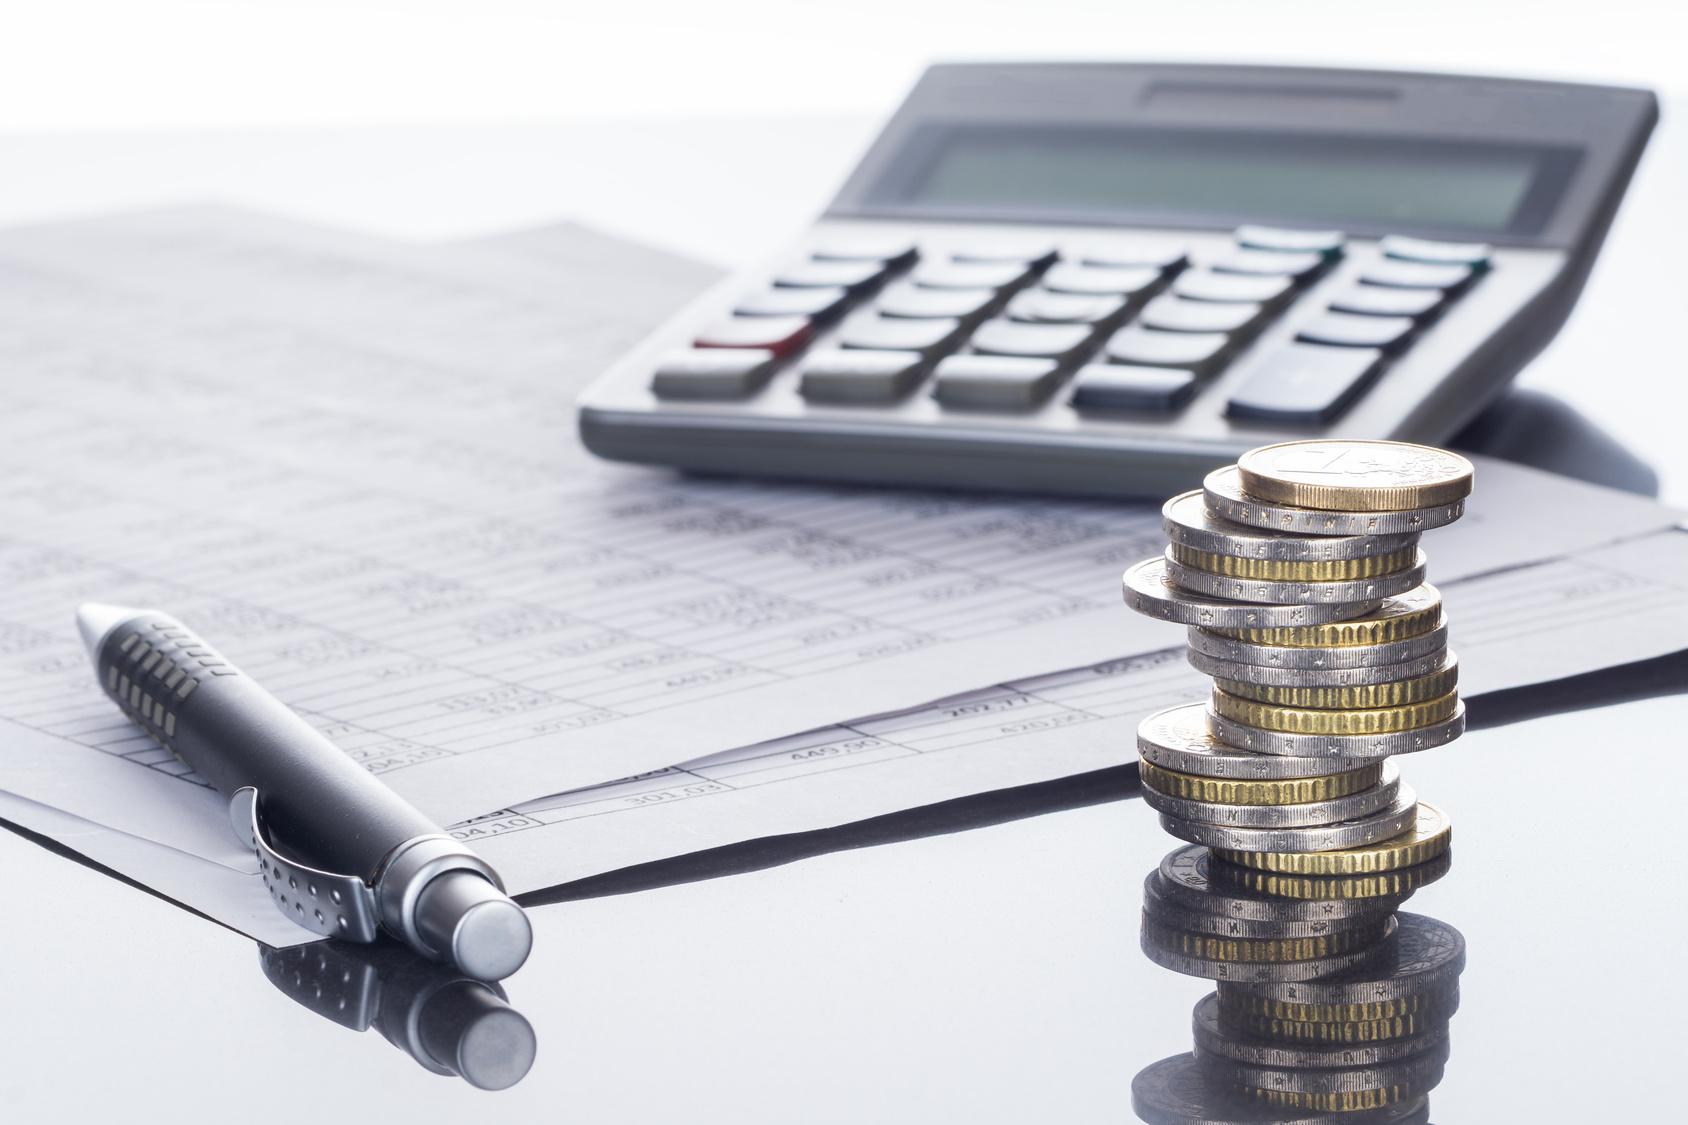 Kredite und Darlehen: Auch beim Geldleihen lässt sich sparen ...